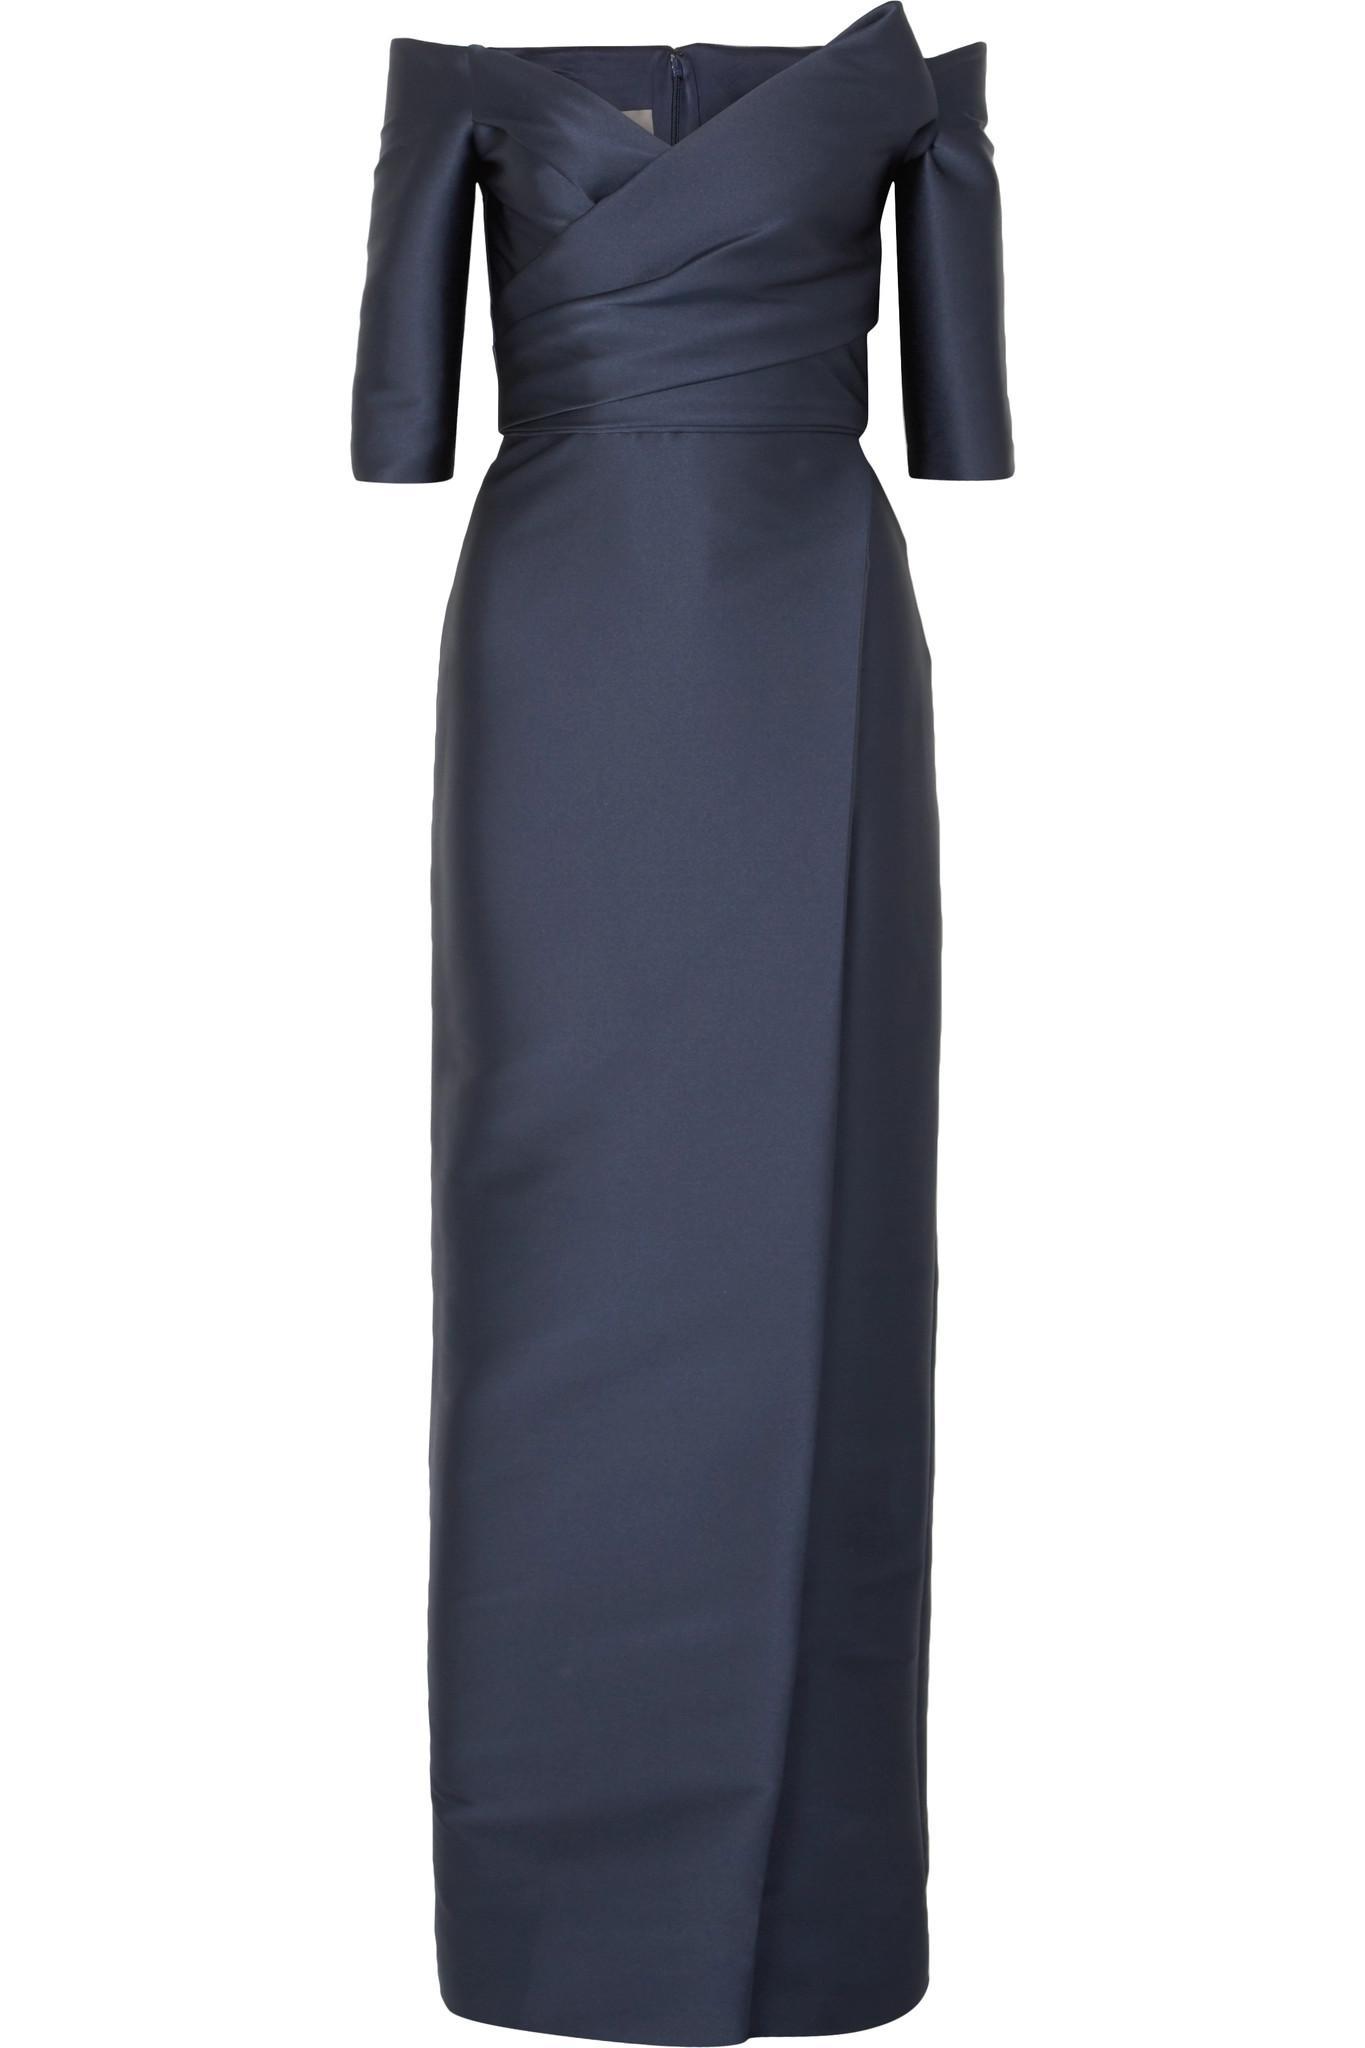 Off-the-shoulder Satin Gown - Navy Monique Lhuillier E0AuNgd2xU